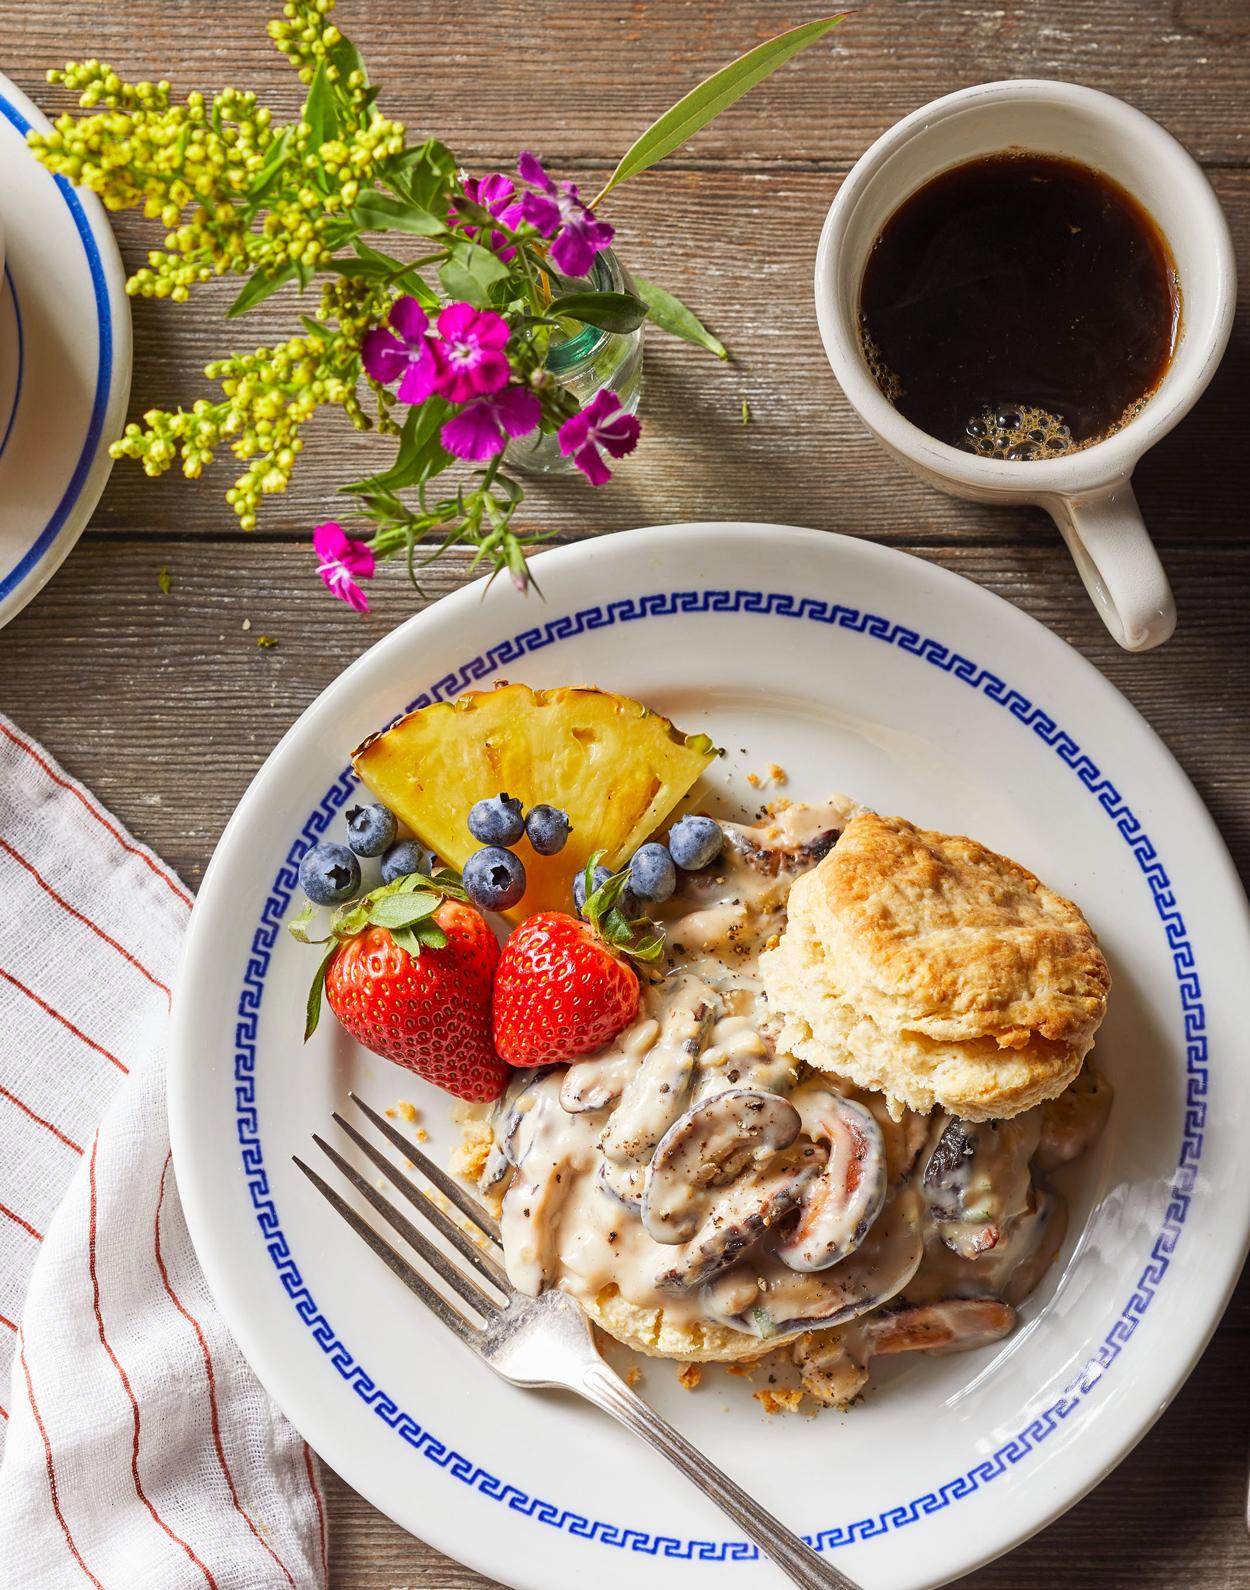 Buttermilk biscuits and mushroom gravy